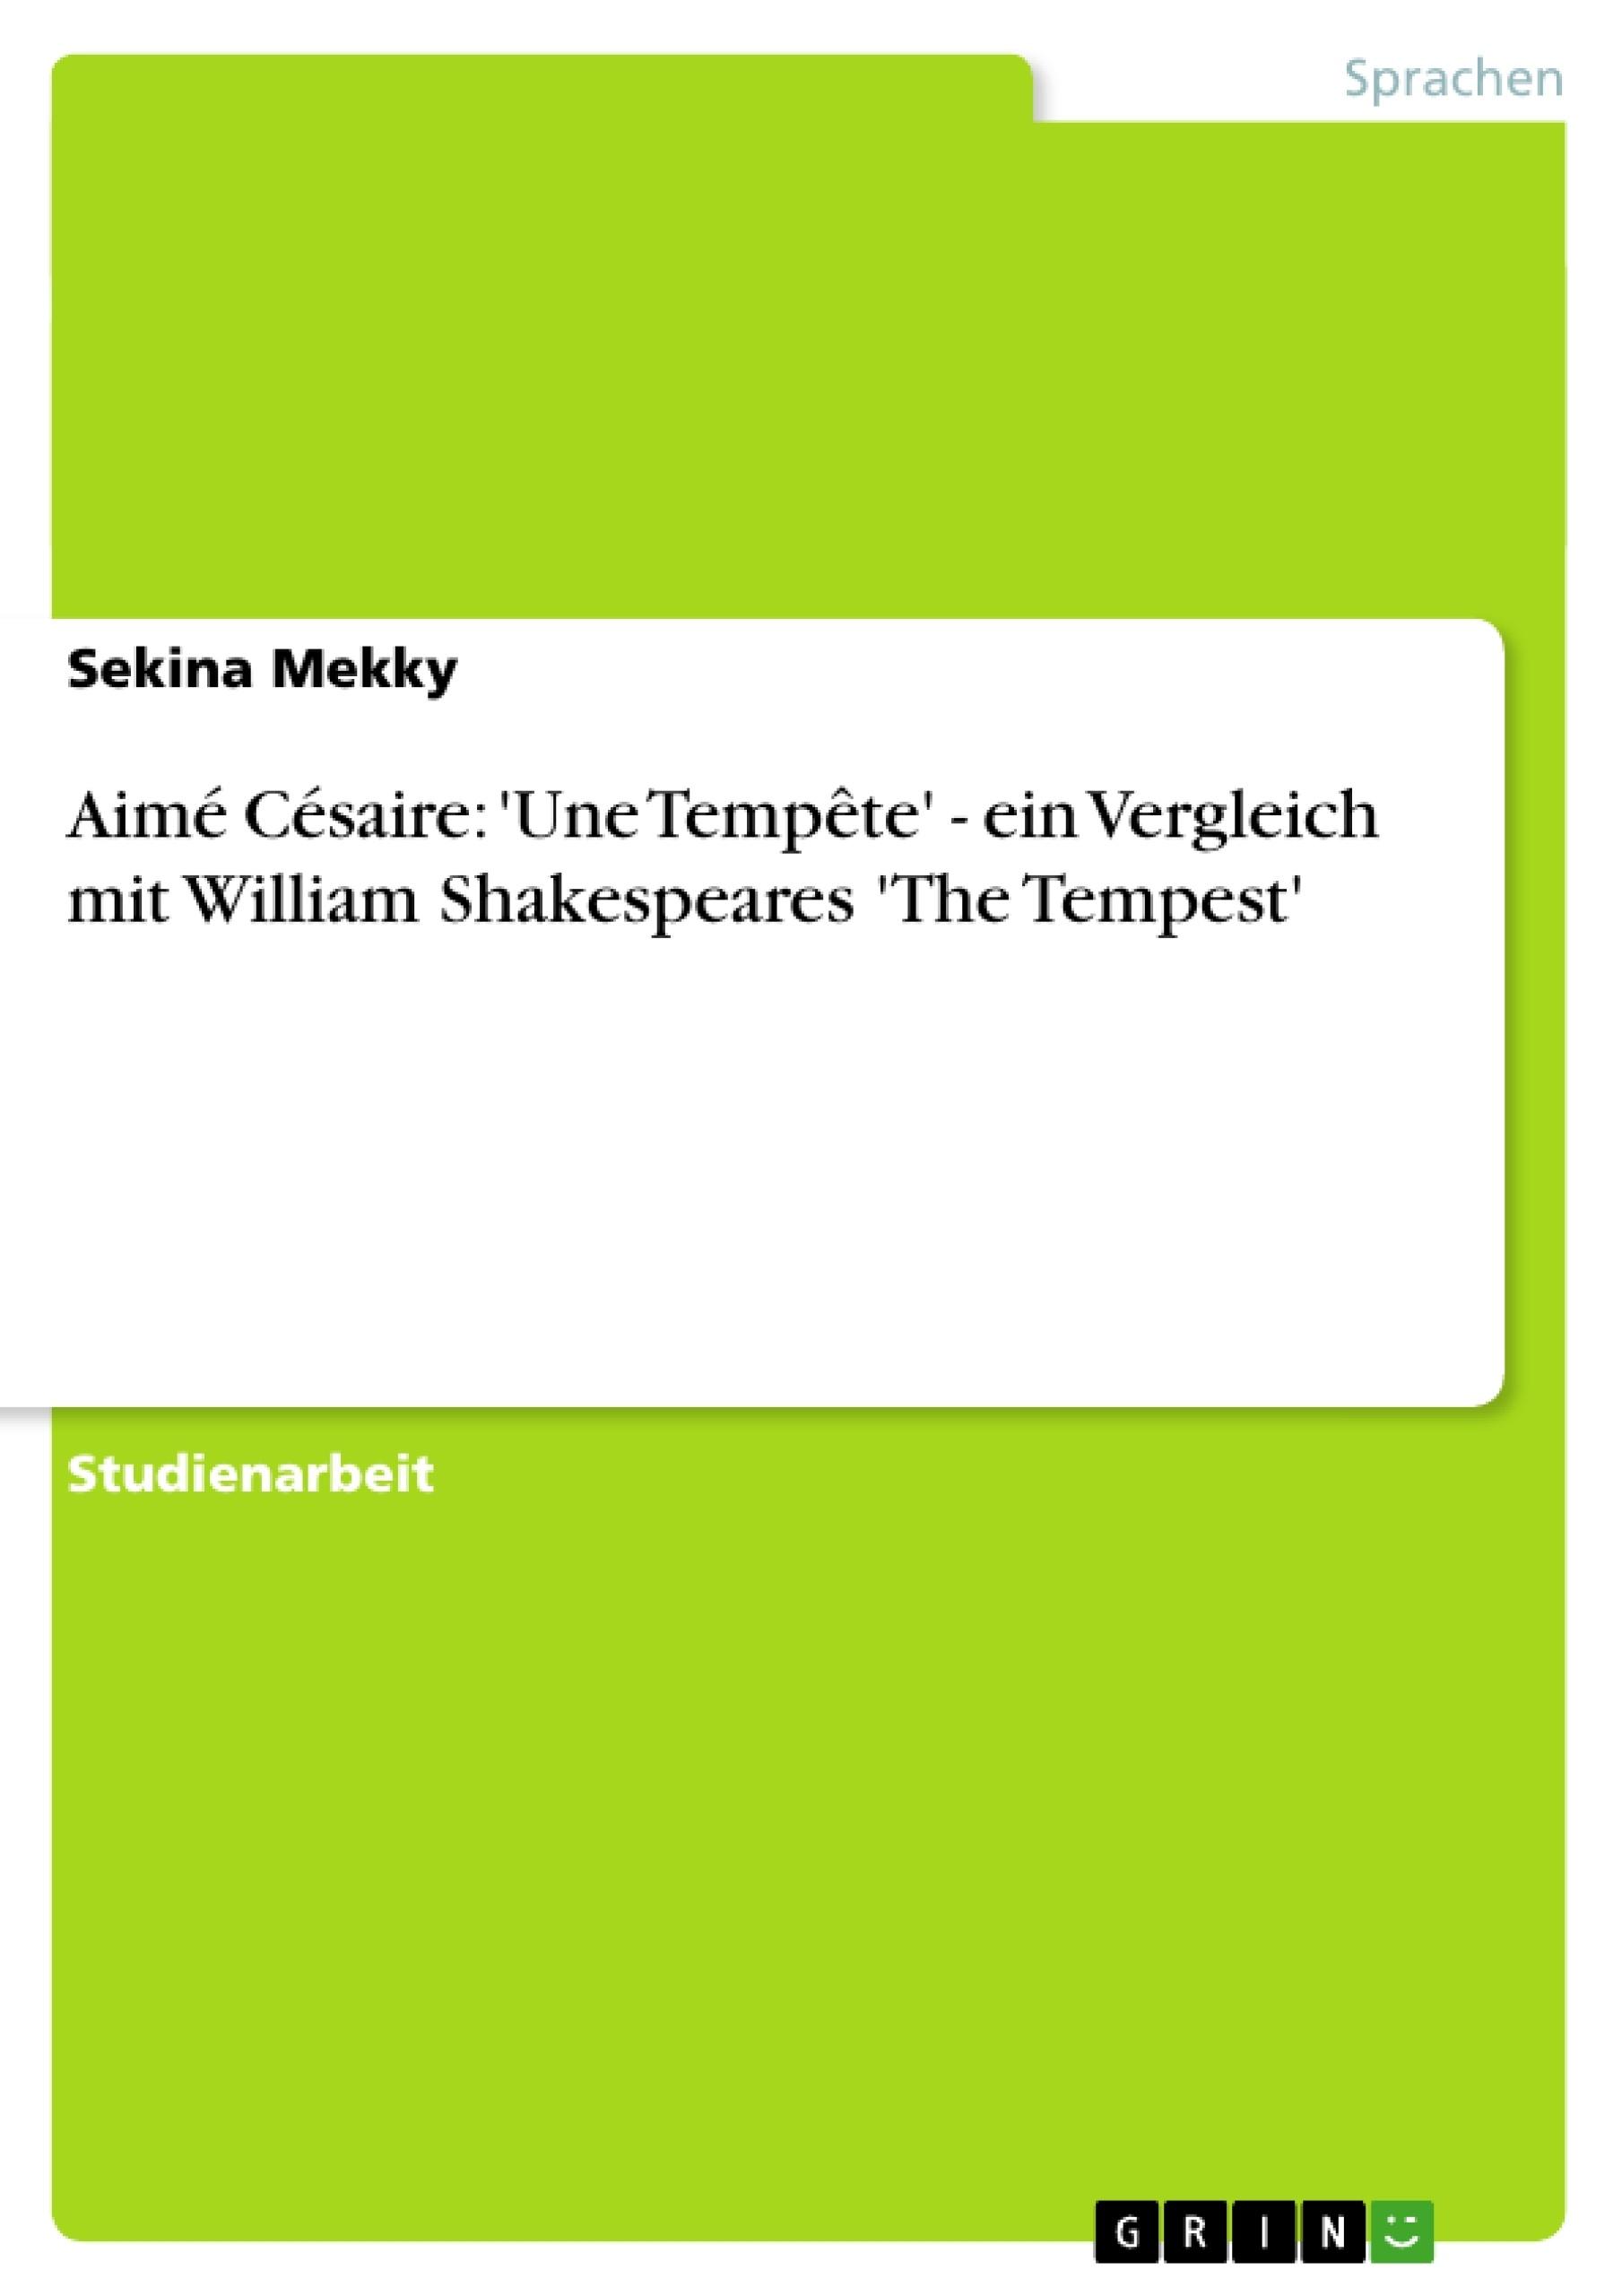 Titel: Aimé Césaire: 'Une Tempête' - ein Vergleich mit William Shakespeares 'The Tempest'